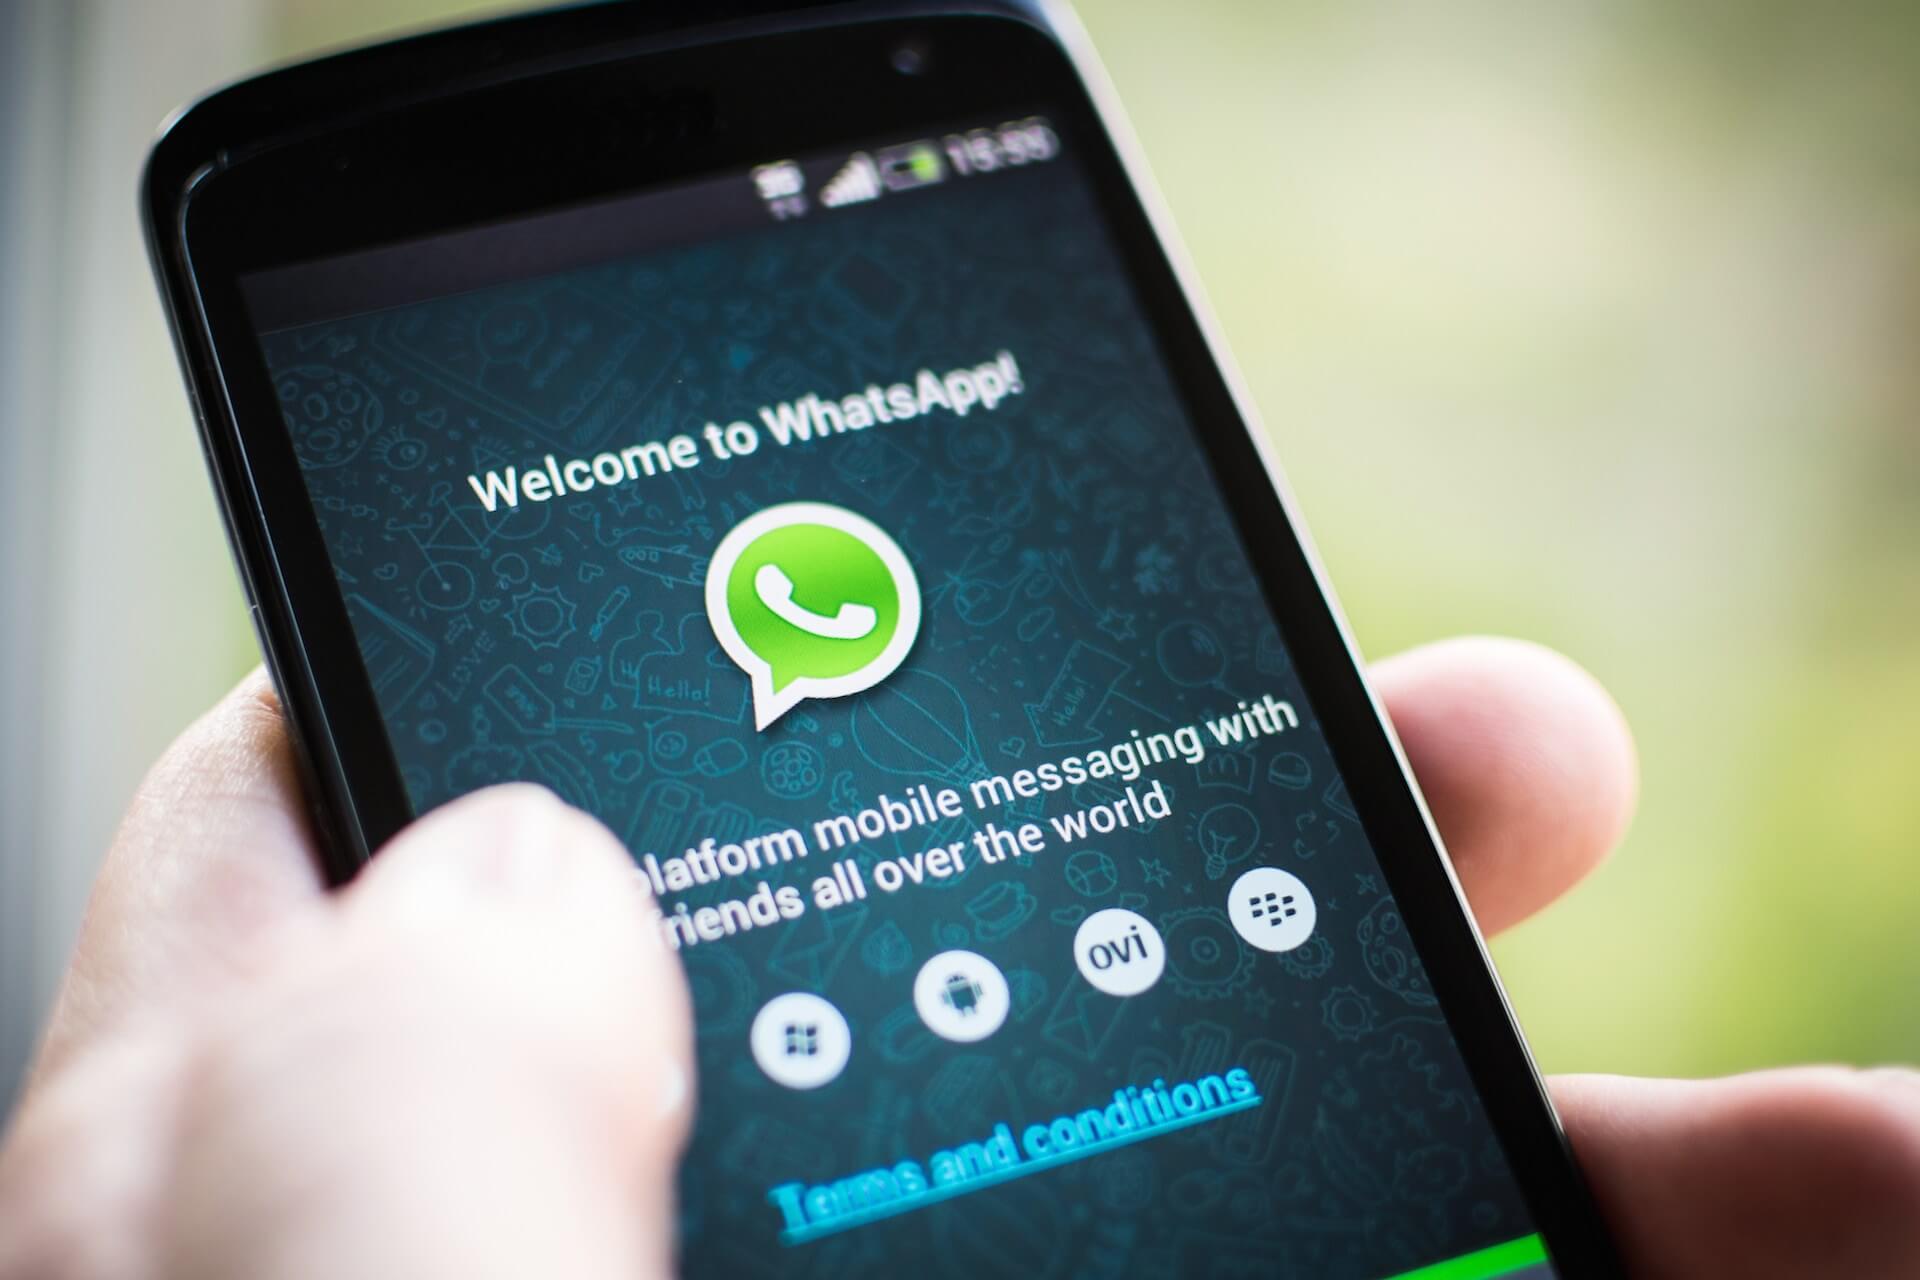 Mesazhet e derguara gabim ne WhatsApp, vjen opsioni i ri qe i fshin